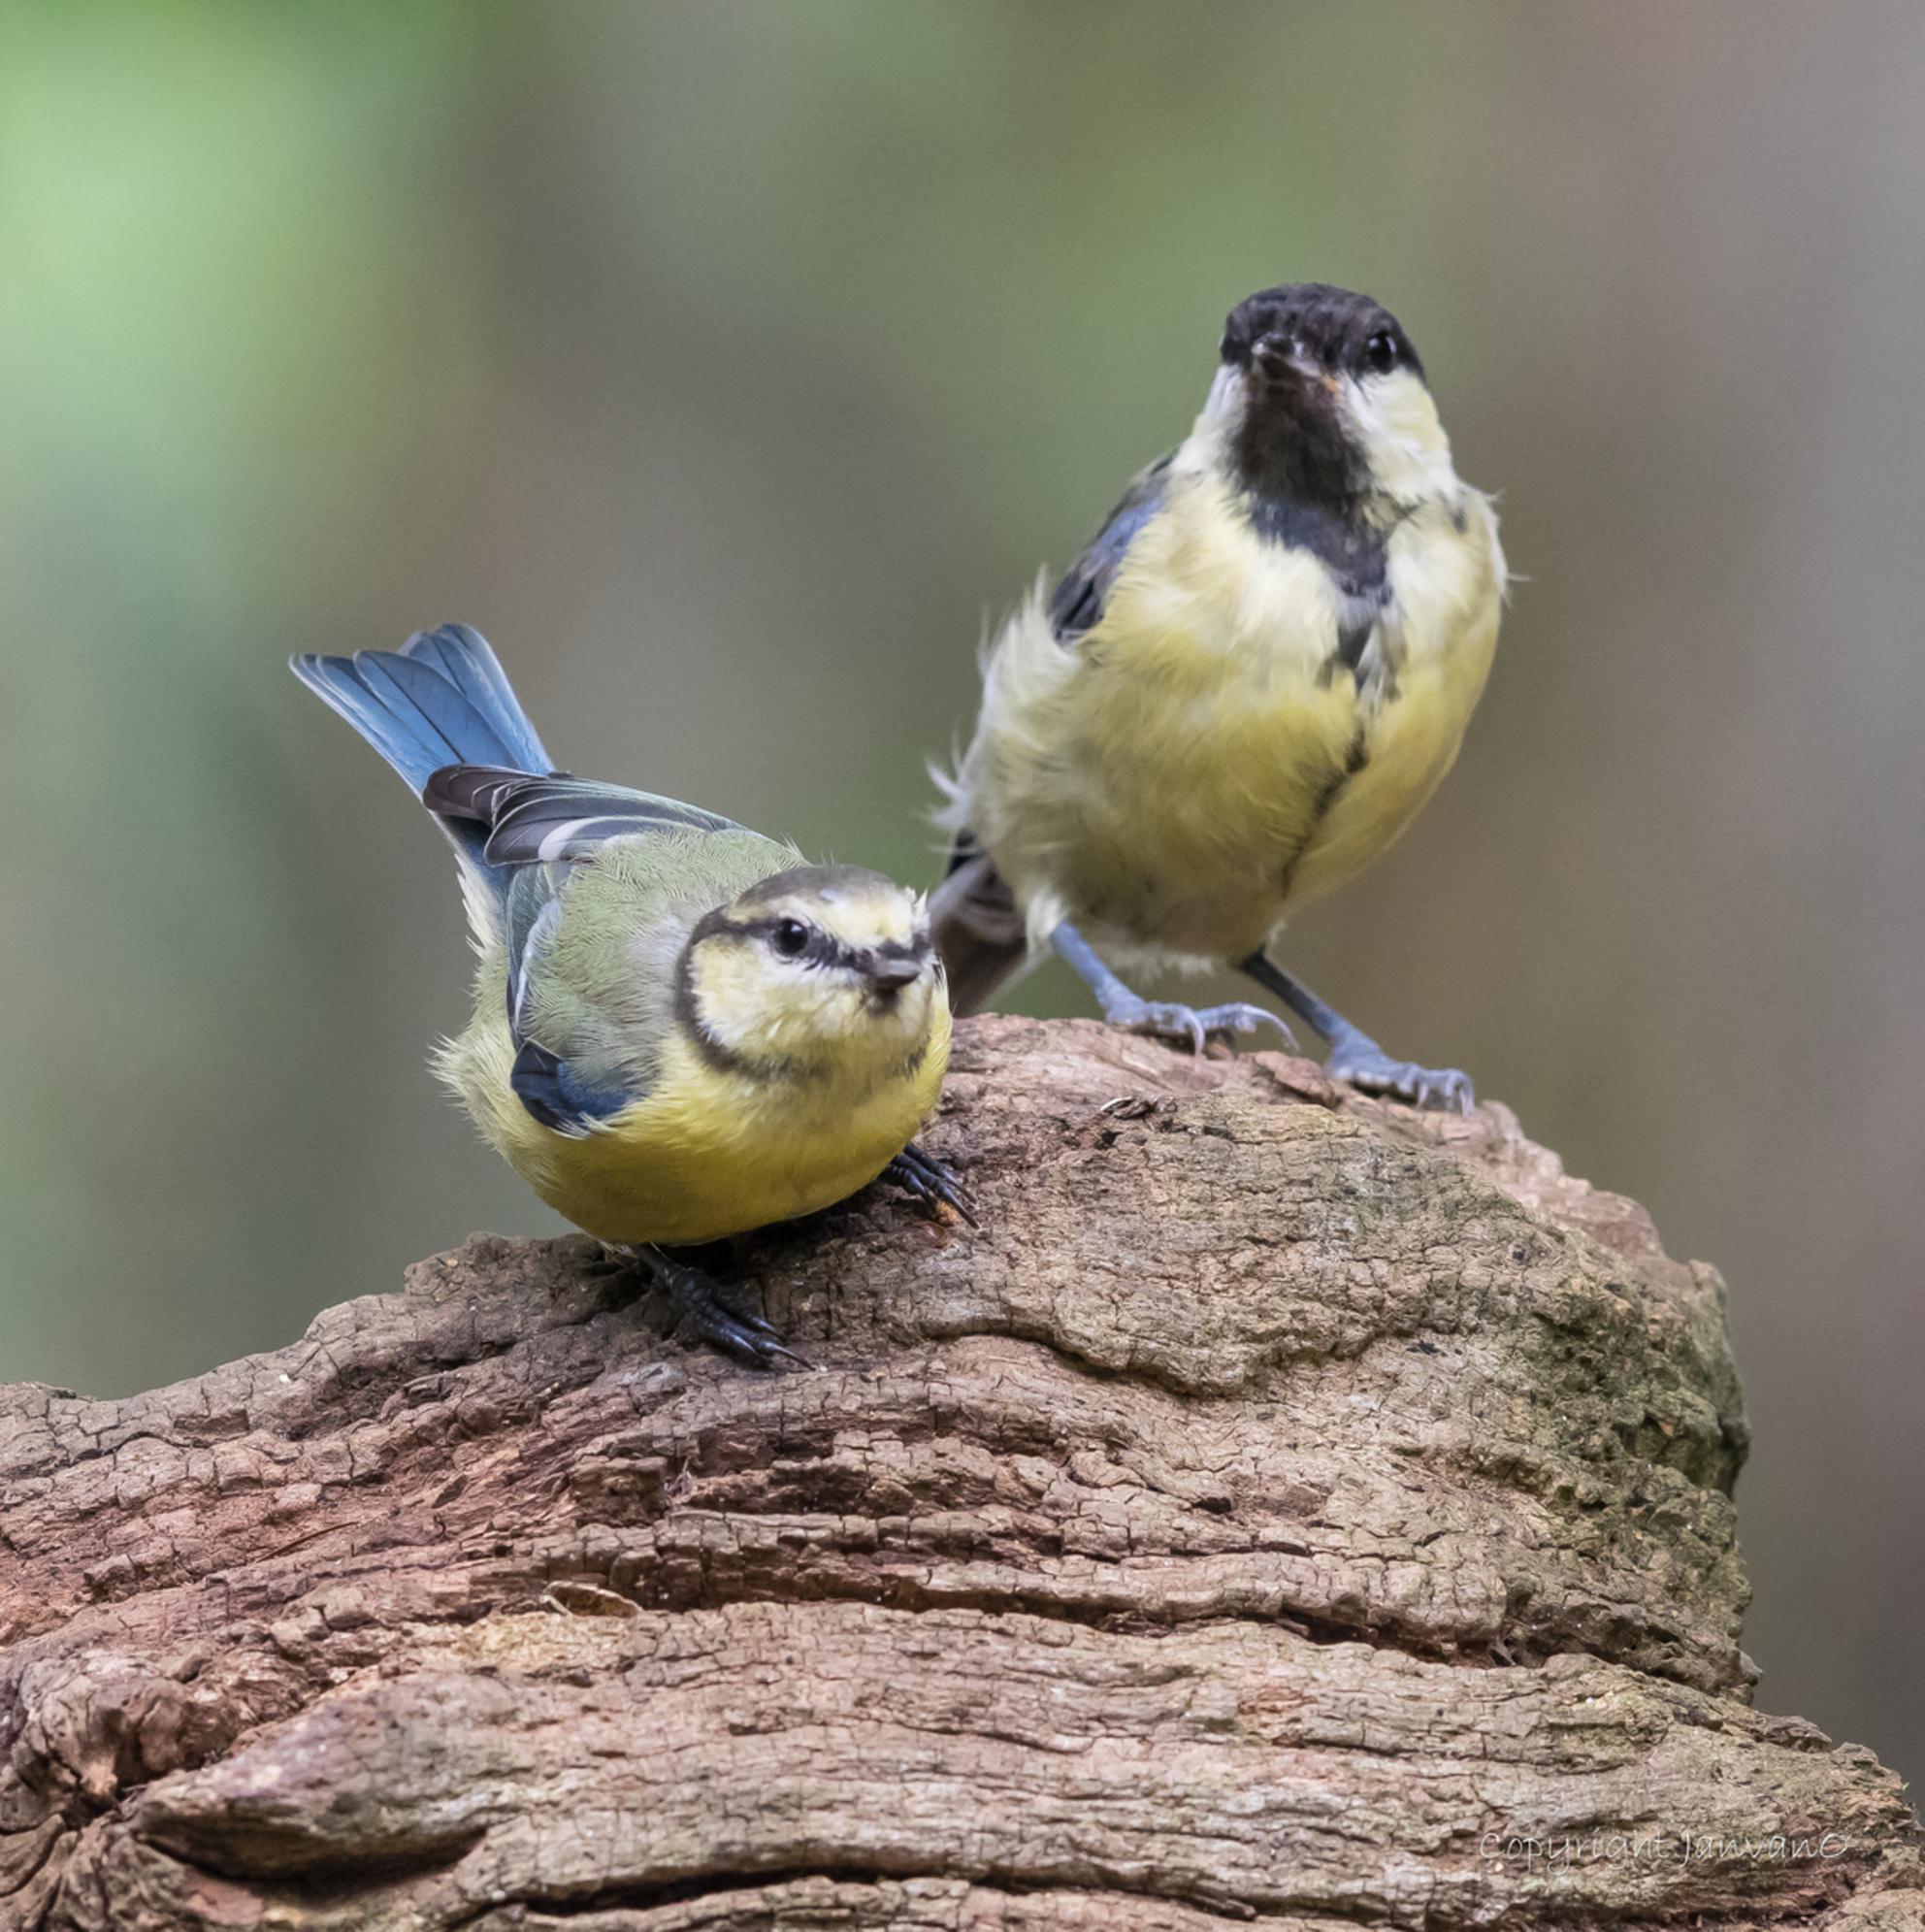 Pimpel en Koolmees - - - foto door JanvanO op 03-08-2019 - deze foto bevat: vogel, pimpelmees, koolmees, heeze, janvano, Strabrechtse heide, zuiko 300mm, olympus omd-em1